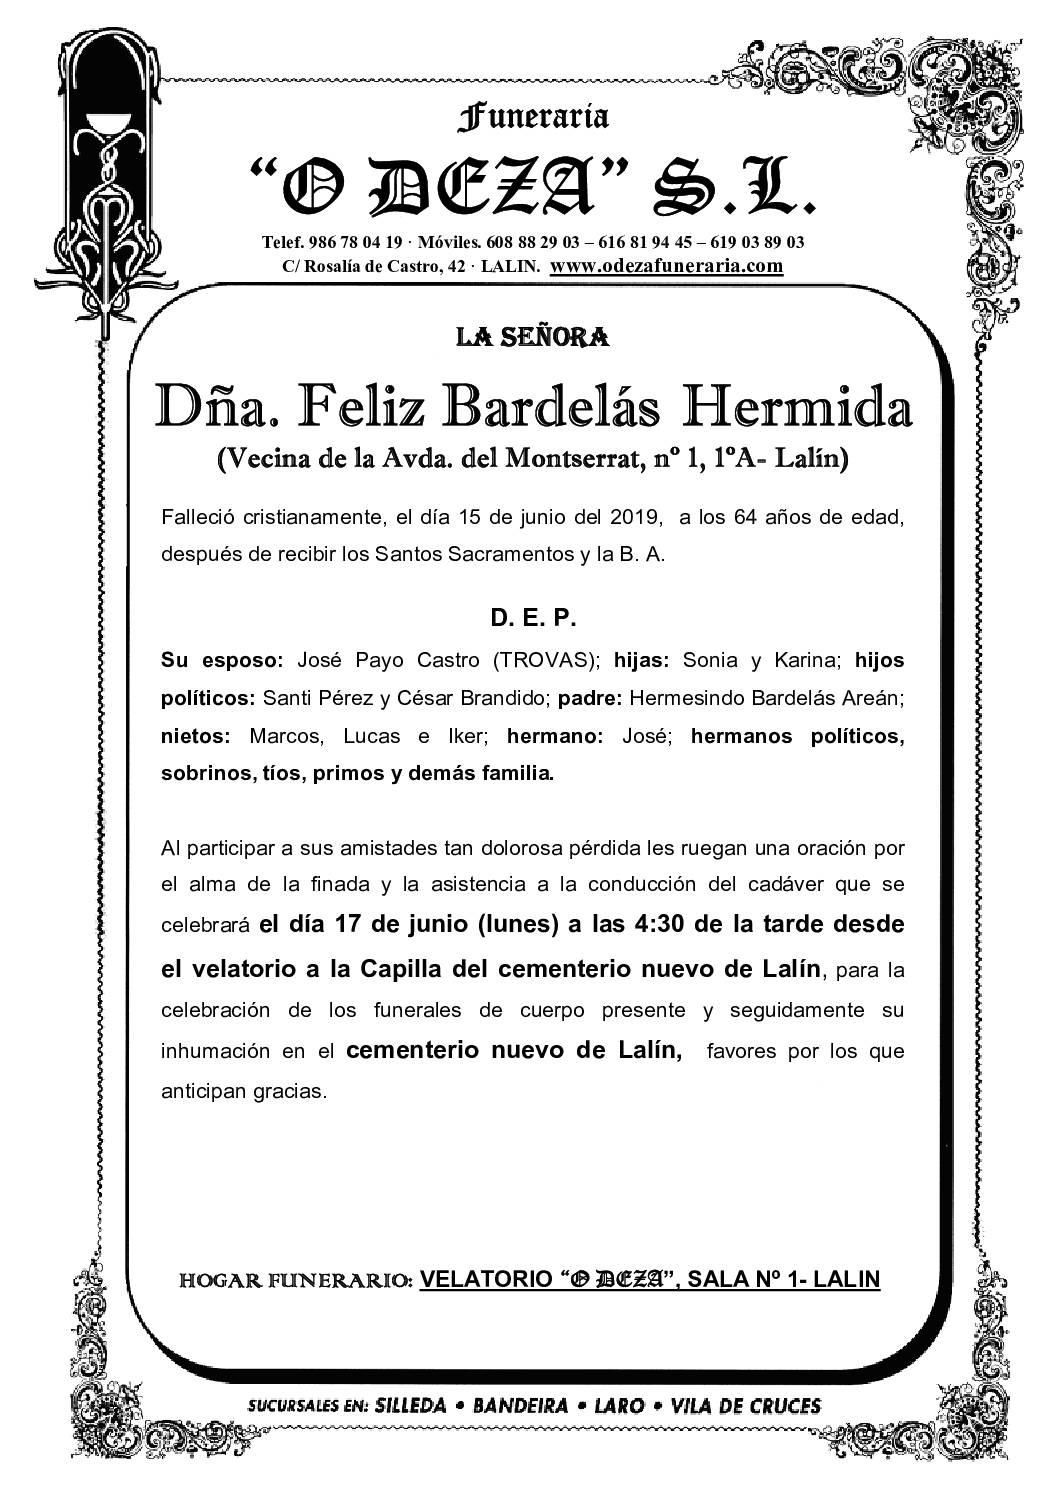 DÑA. FELIZ BARDELÁS HERMIDA